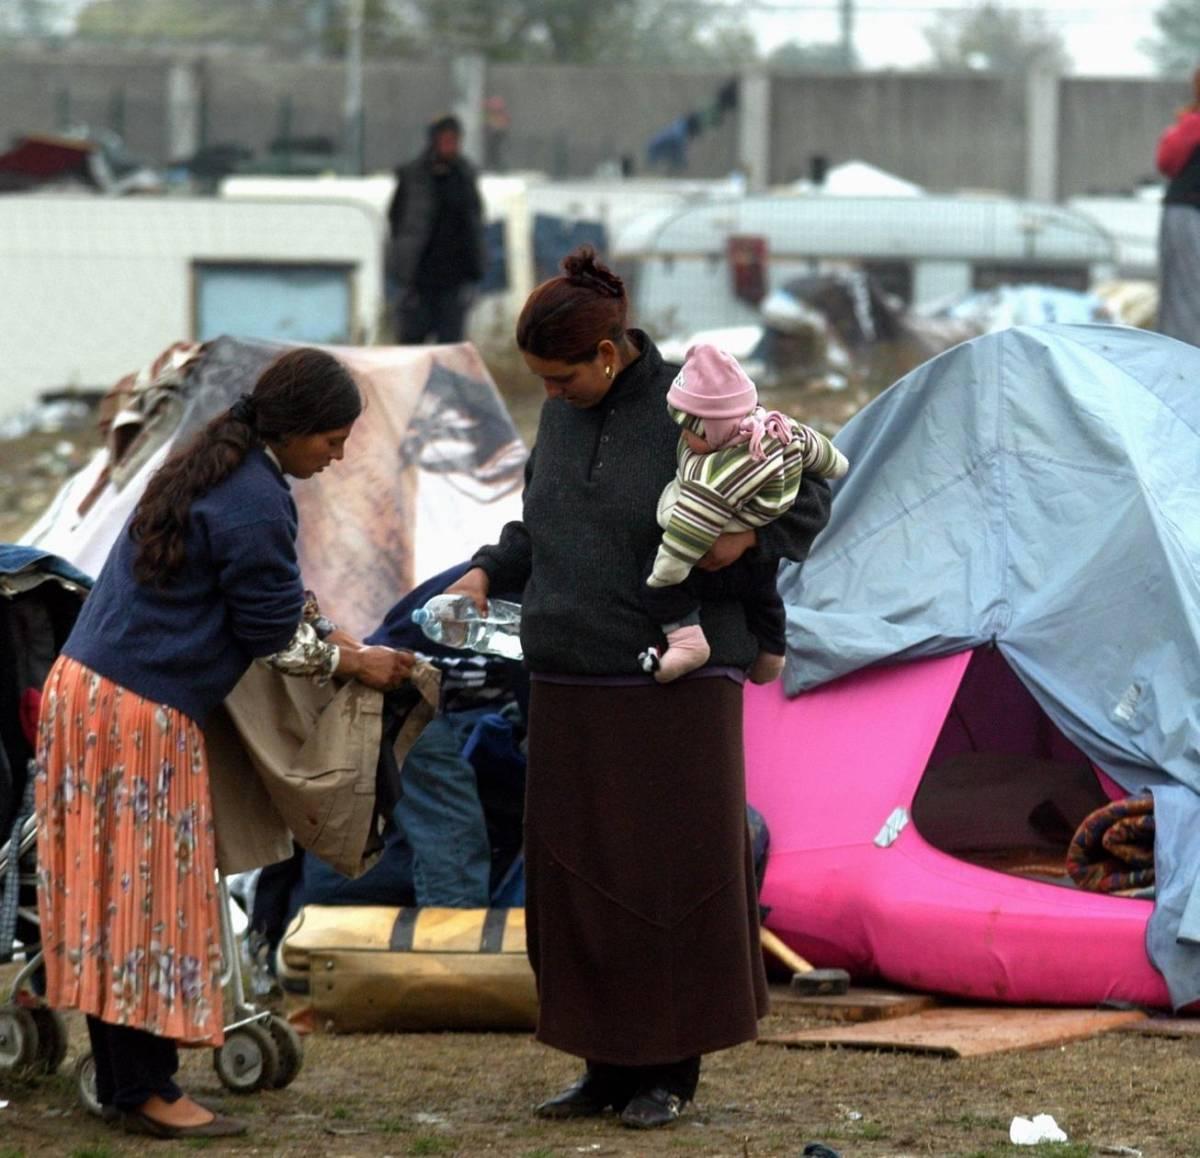 Si cercano in provincia nuovi campi per i rom